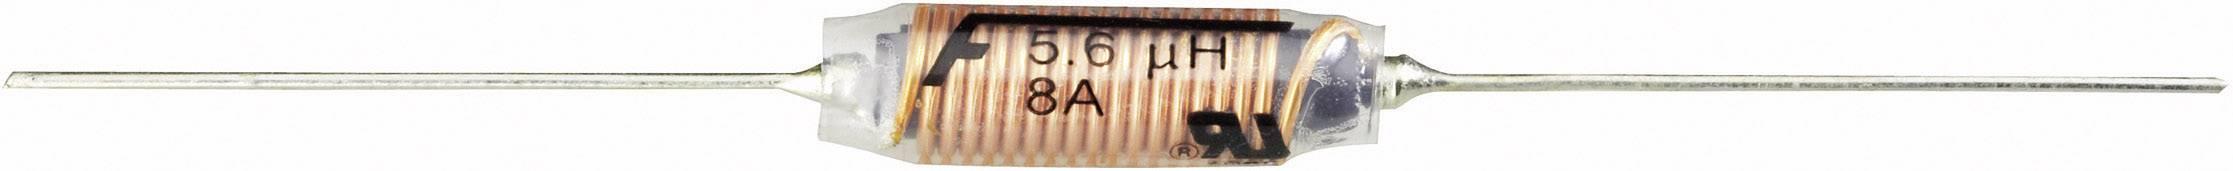 Odrušovací tlumivka Fastron 77A-3R9M-00, 3,9 µH, 12 A, 10 %, 77A-3R9, ferit